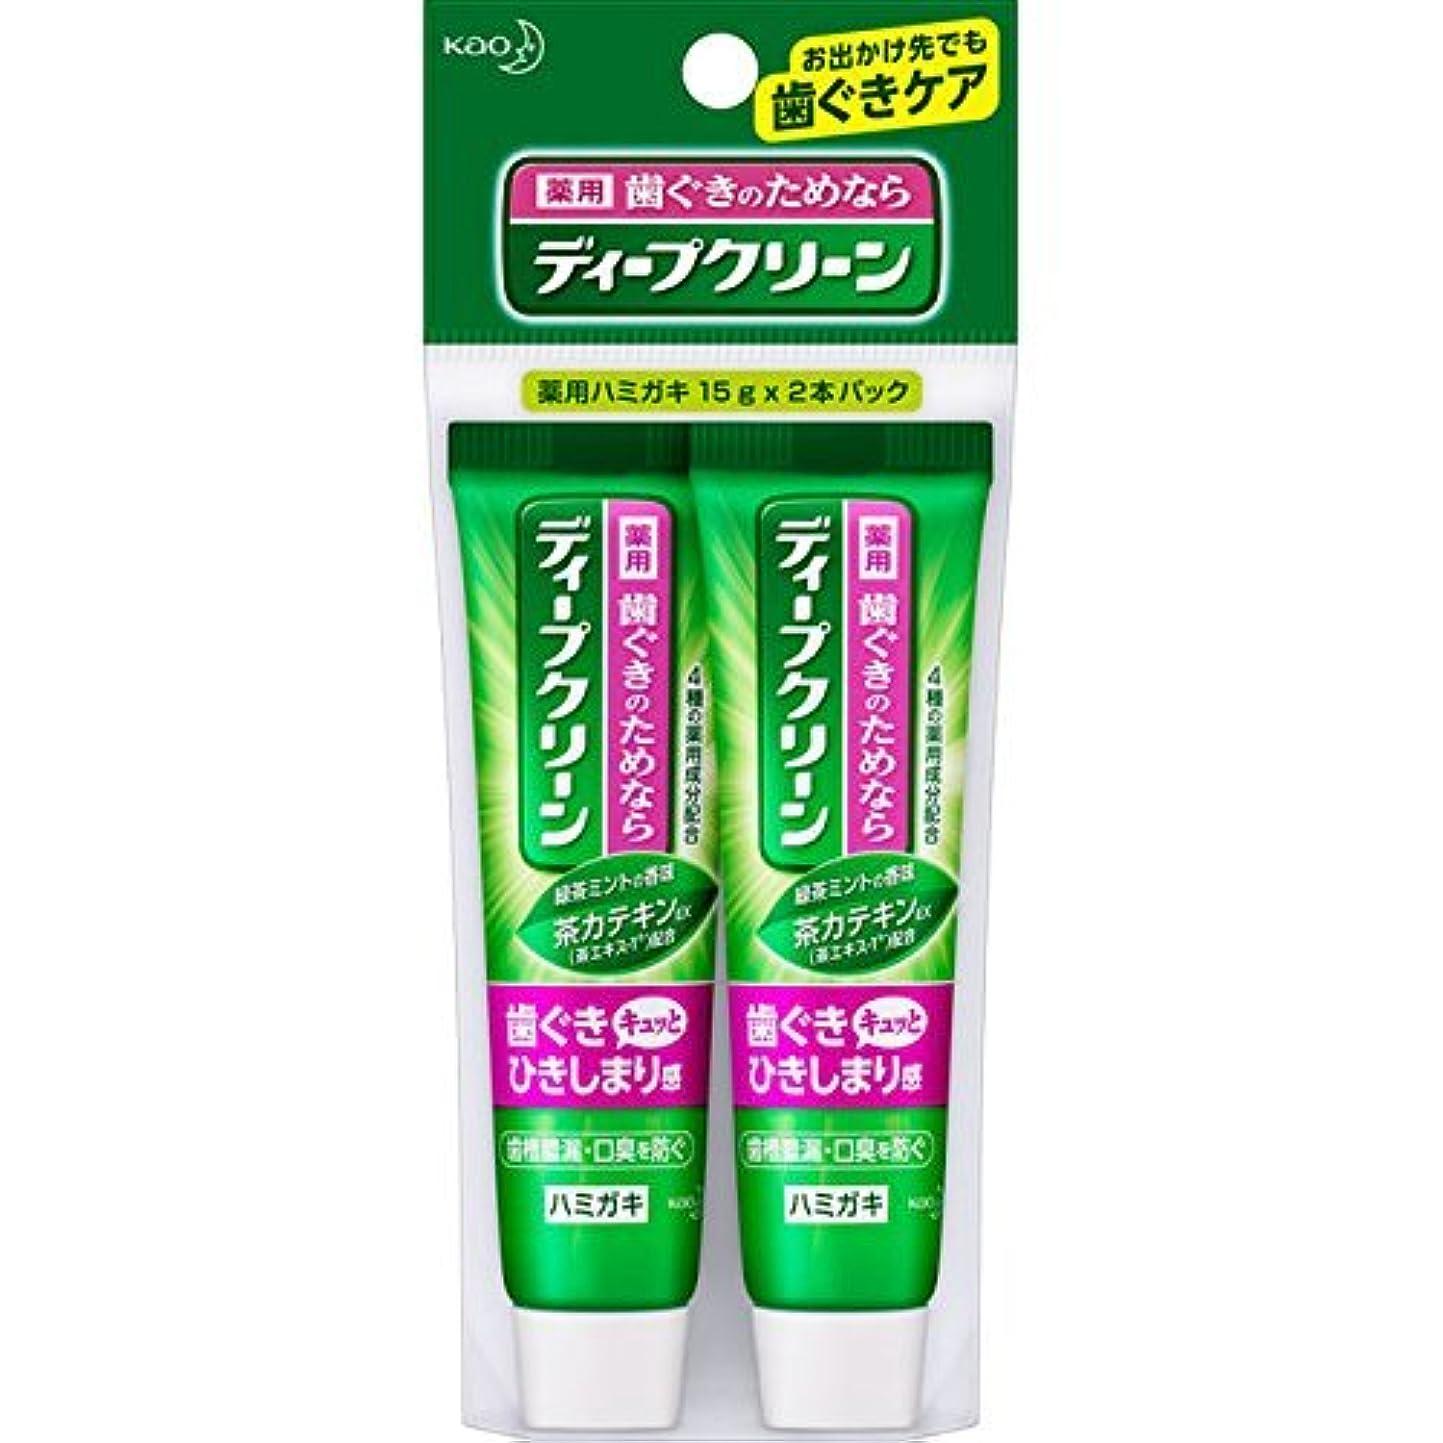 オープニング犠牲報いる花王 ディープクリーン 薬用ハミガキ ミニ 30g (医薬部外品)